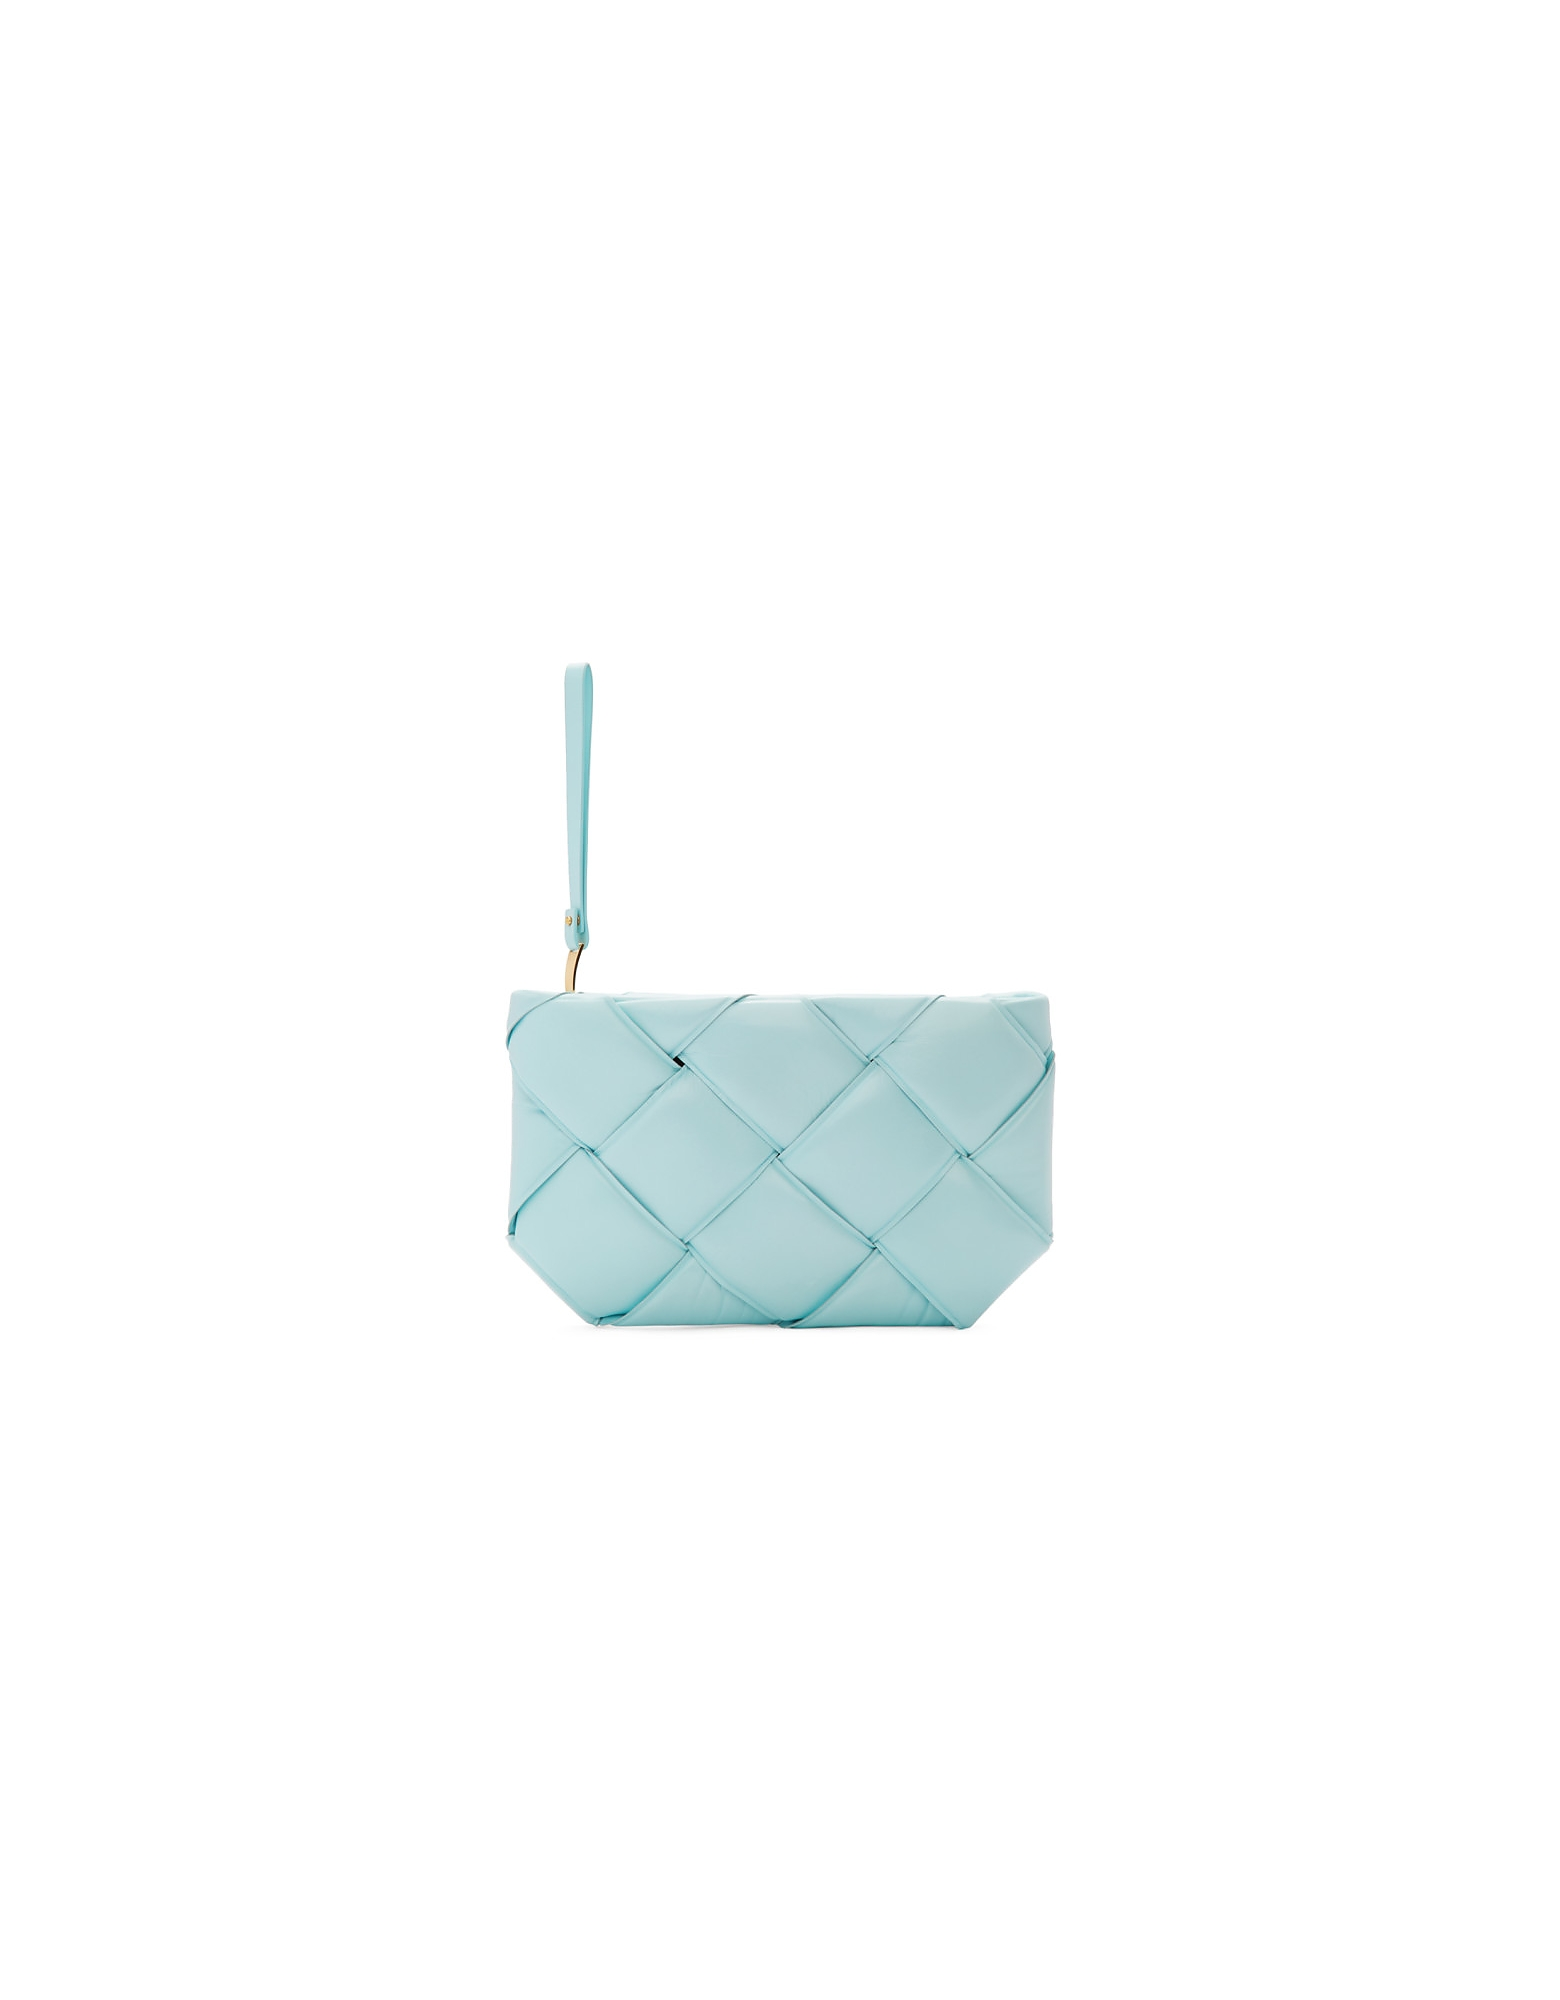 Bottega Veneta Designer Handbags, Blue Padded Pouch